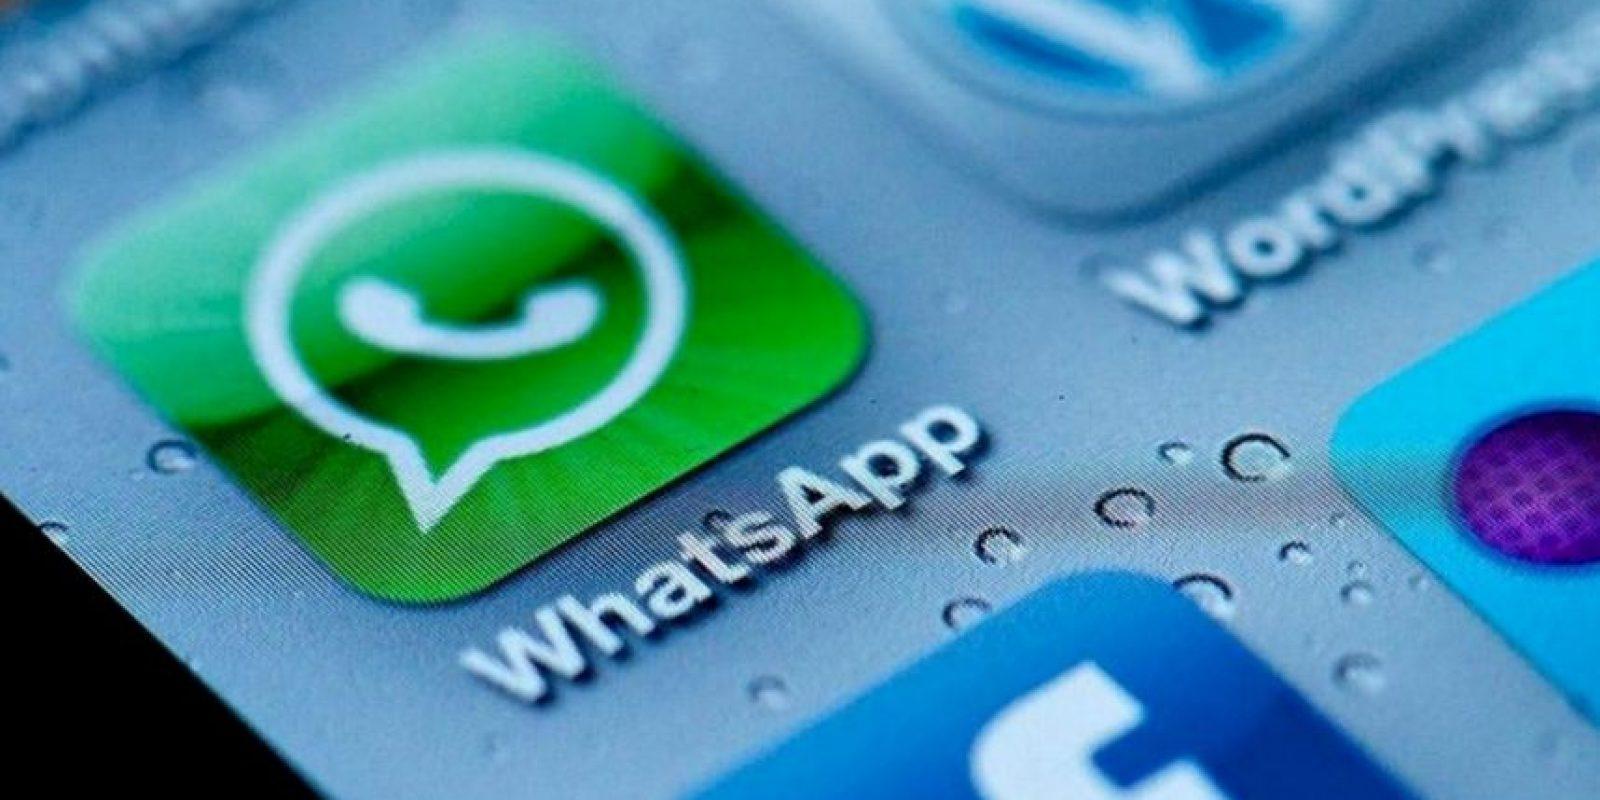 900 millones, los usuarios activos cada mes en la app. Foto:Vía Tumblr.com